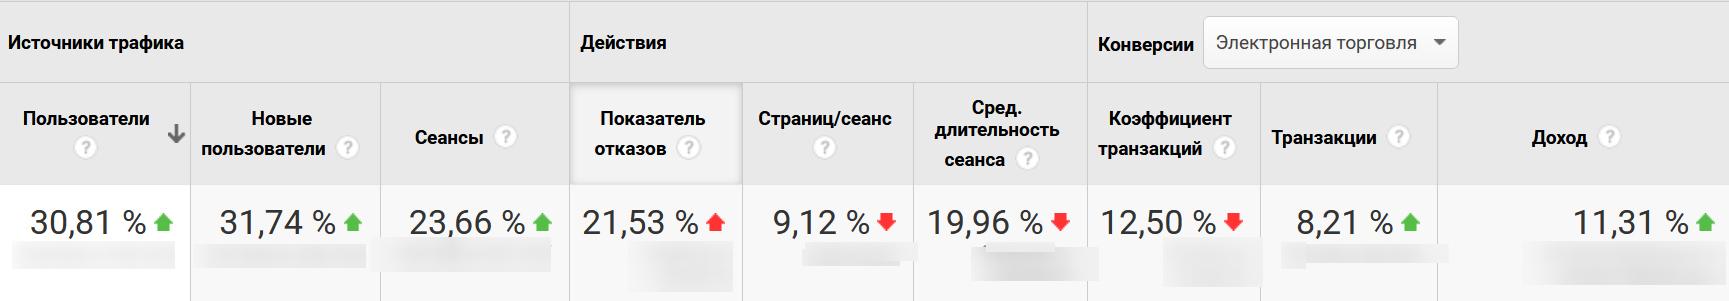 Продвижение сайта по доставке суши и пиццы Харьков - PRWEB